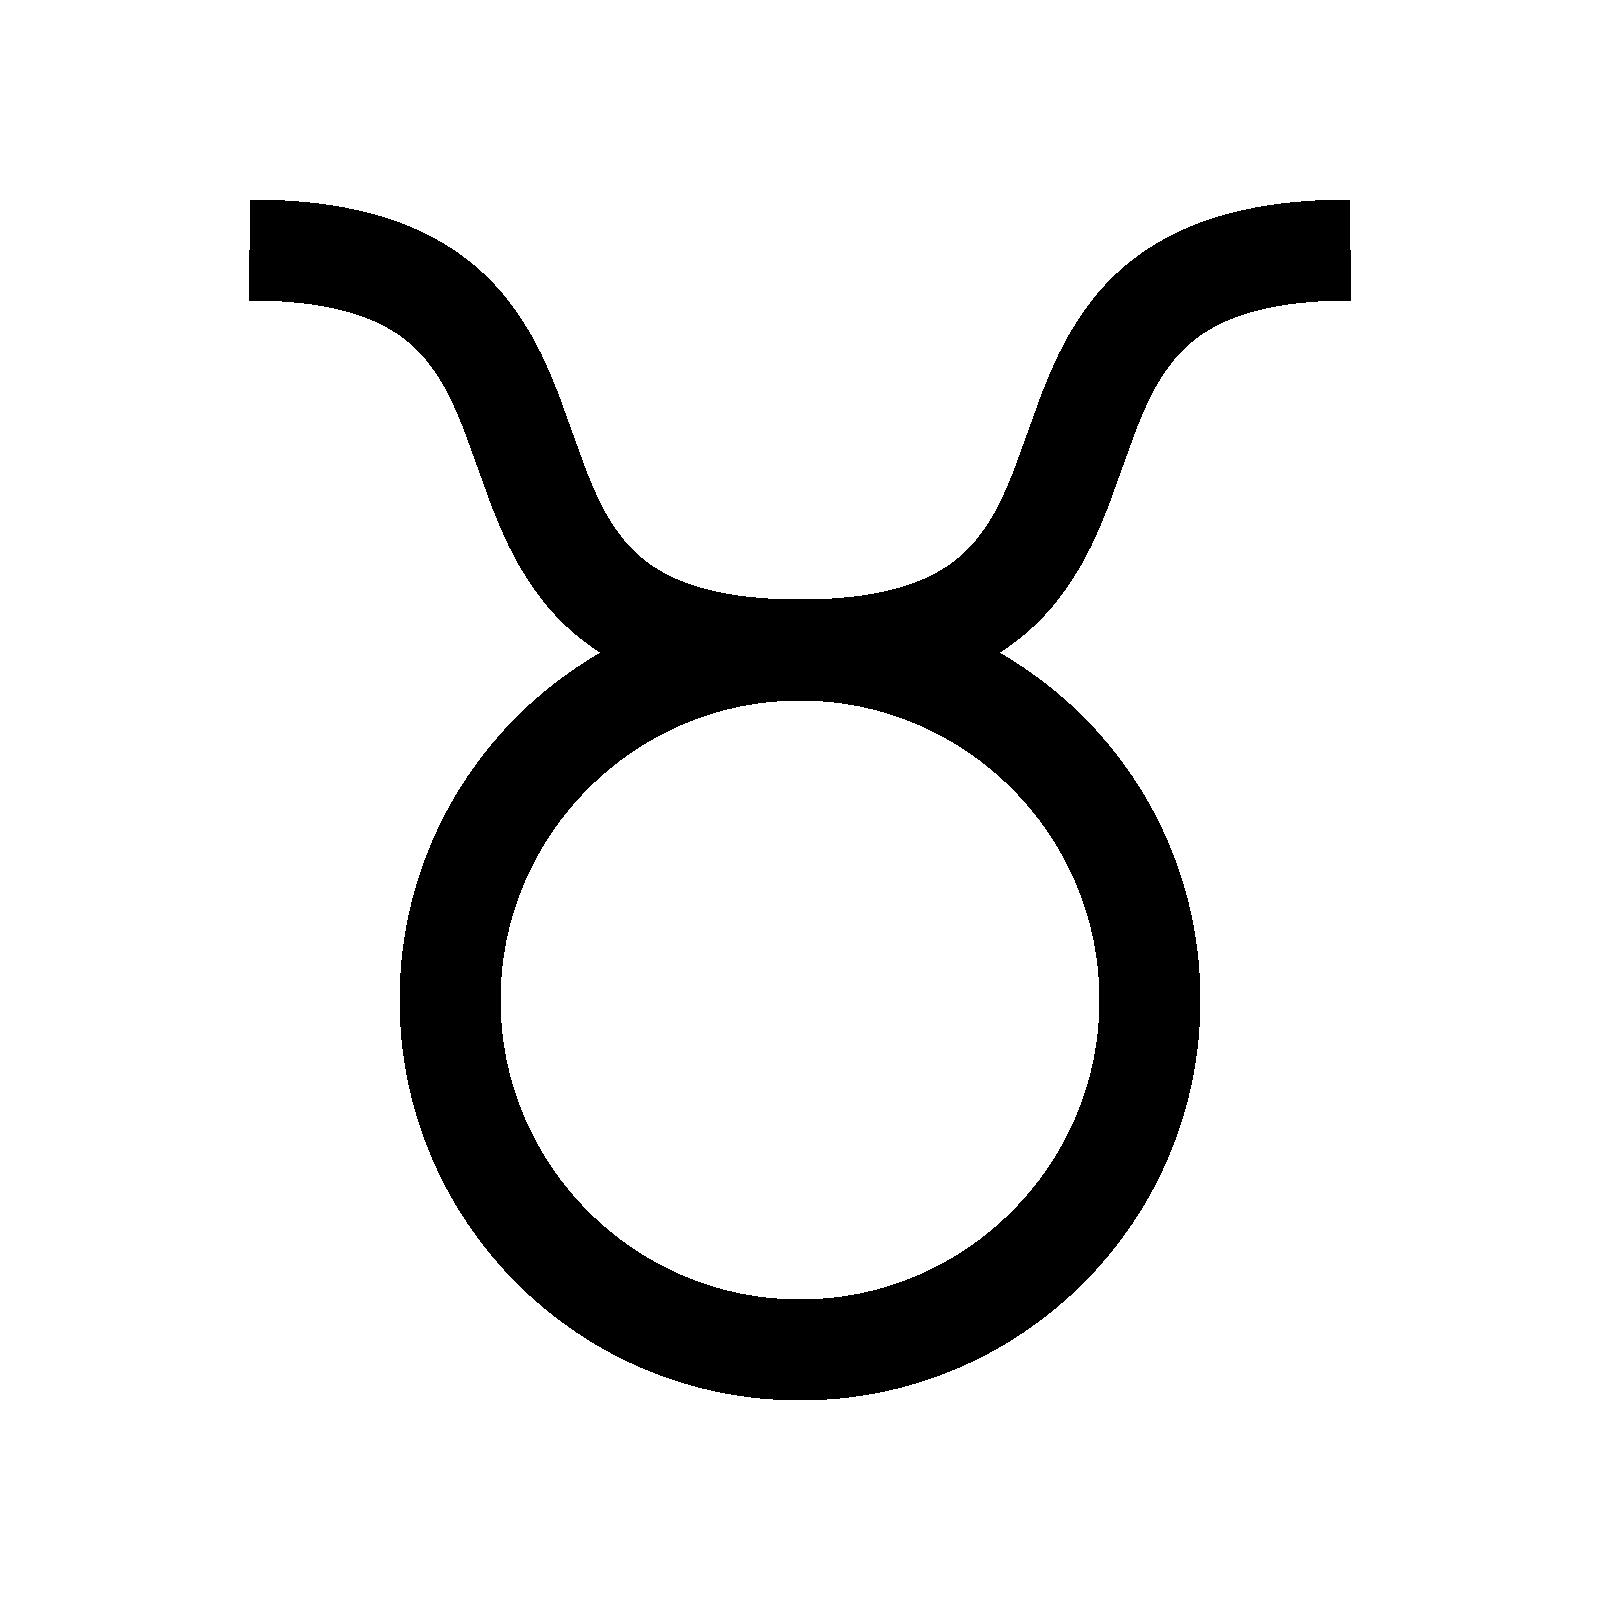 Телец PNG